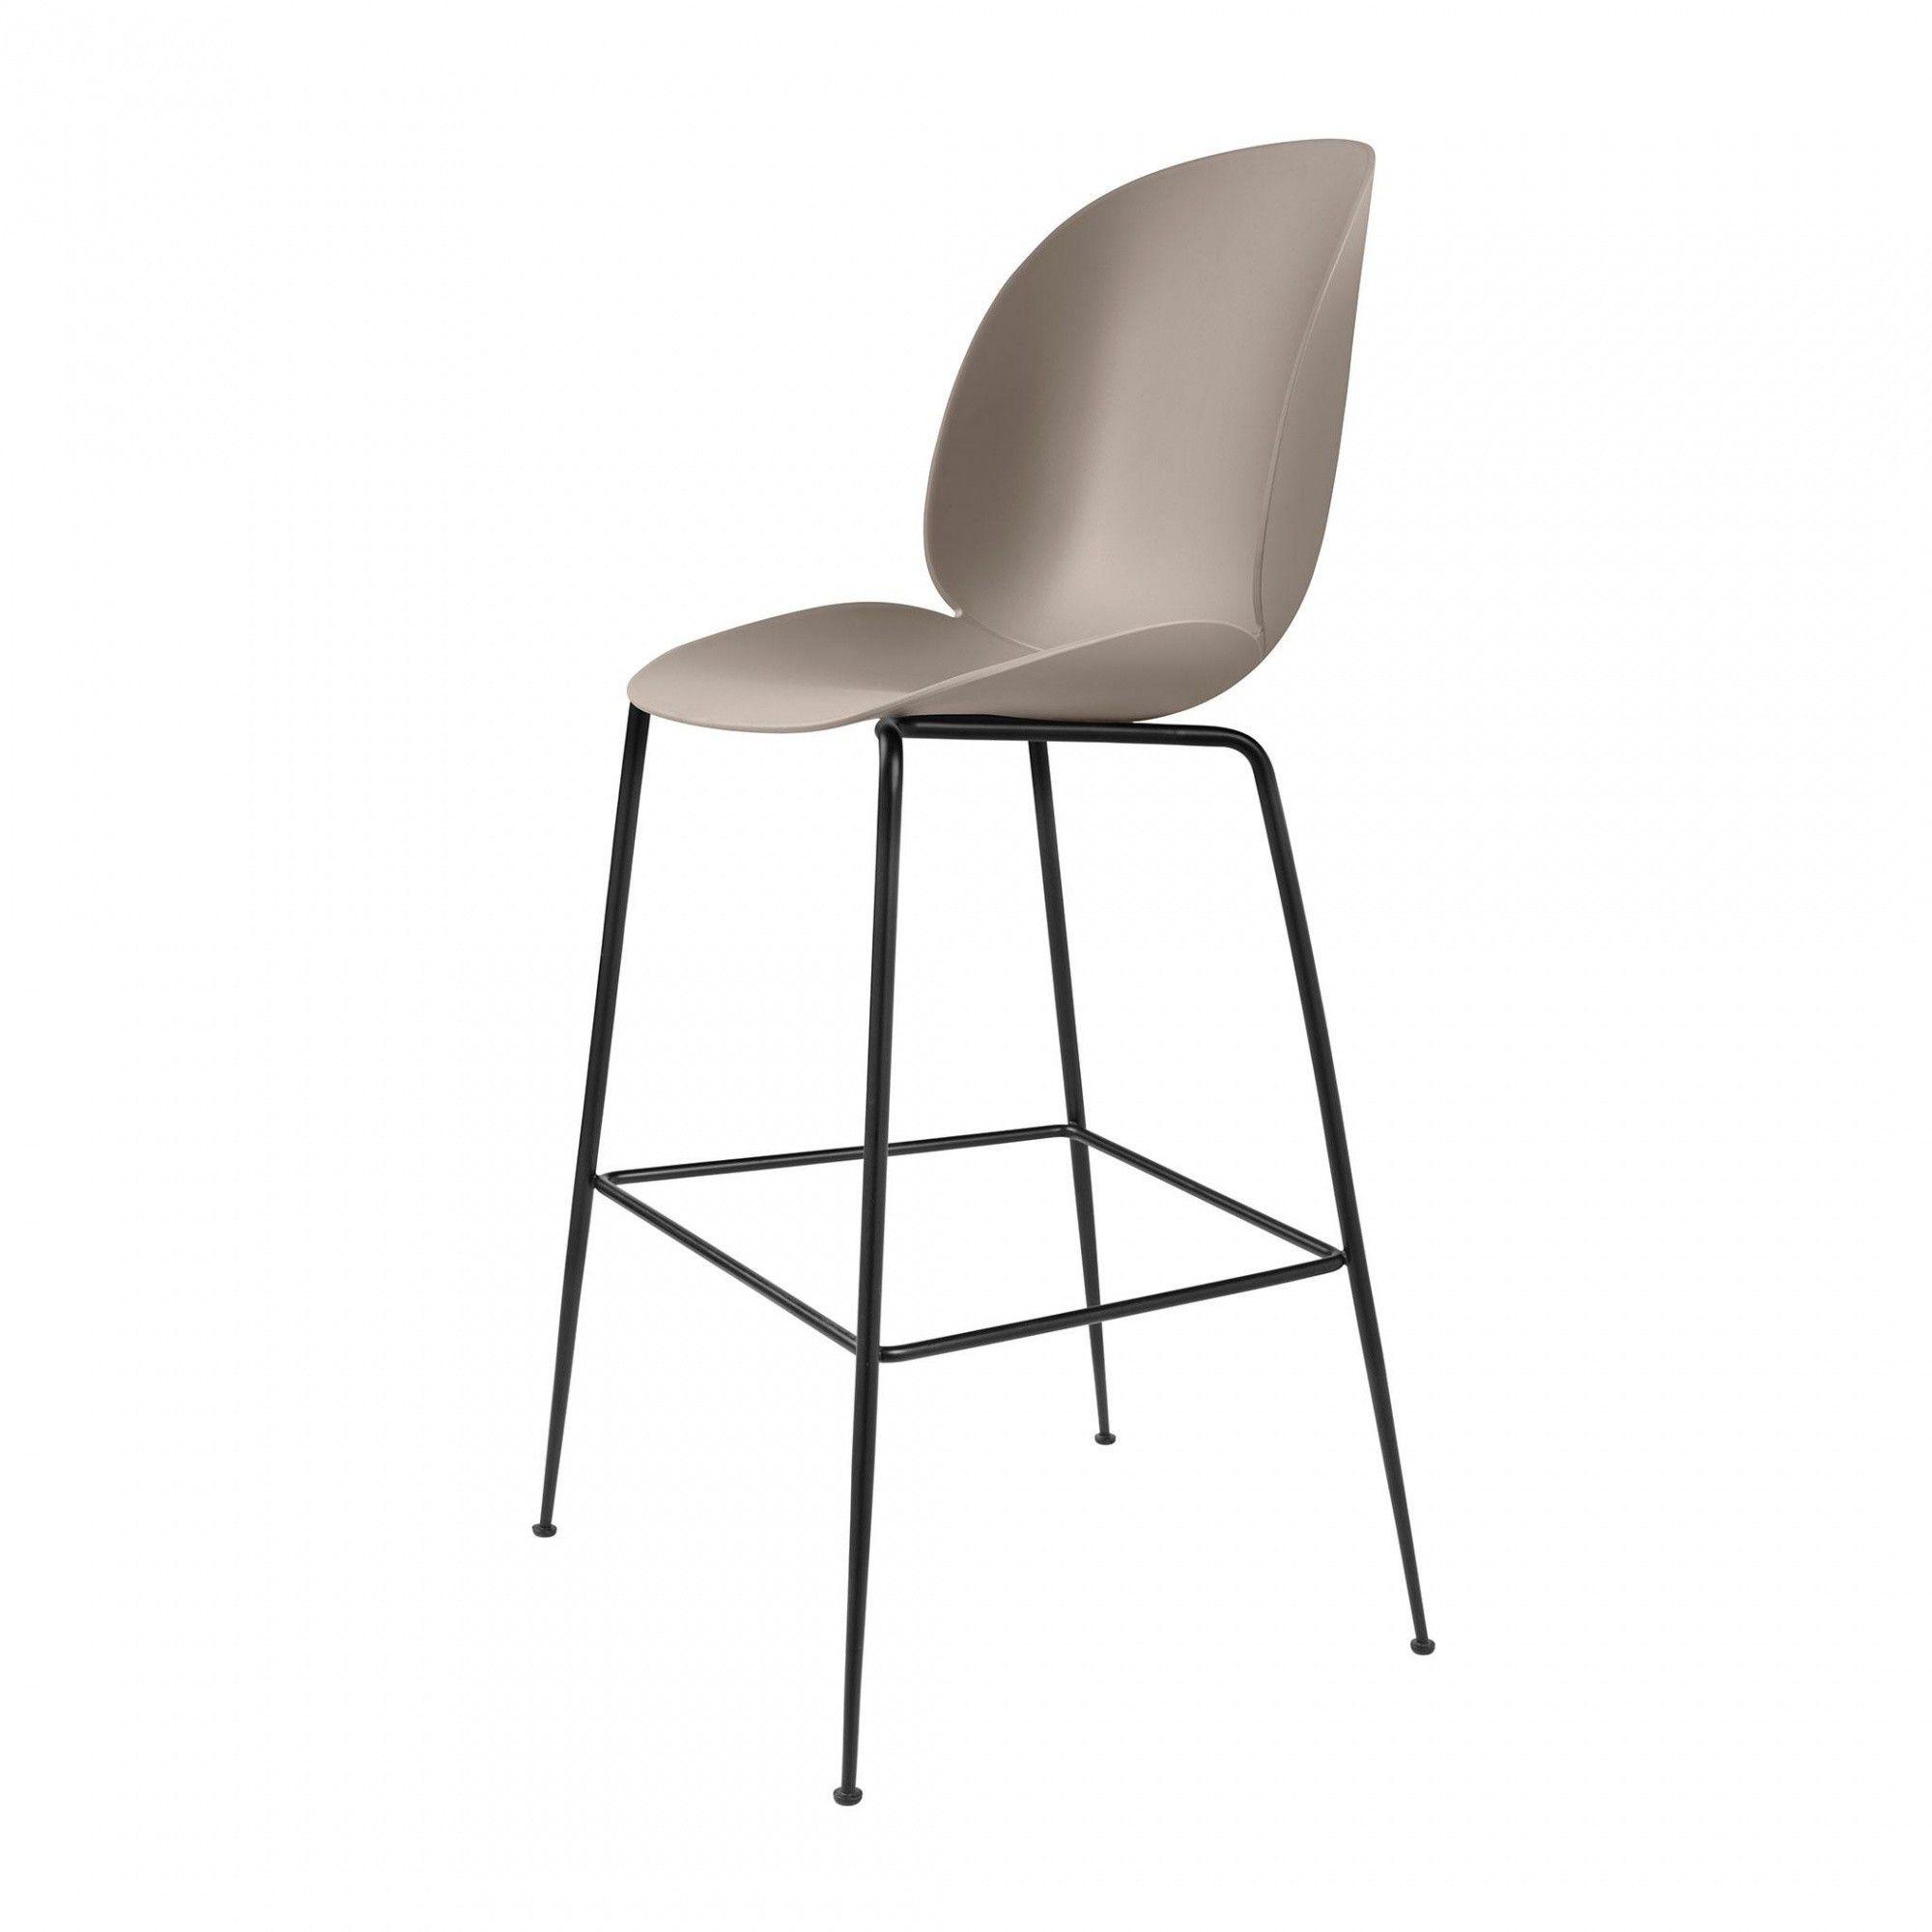 Ghế quầy bar 4 chân sắt hiện đại – 2109